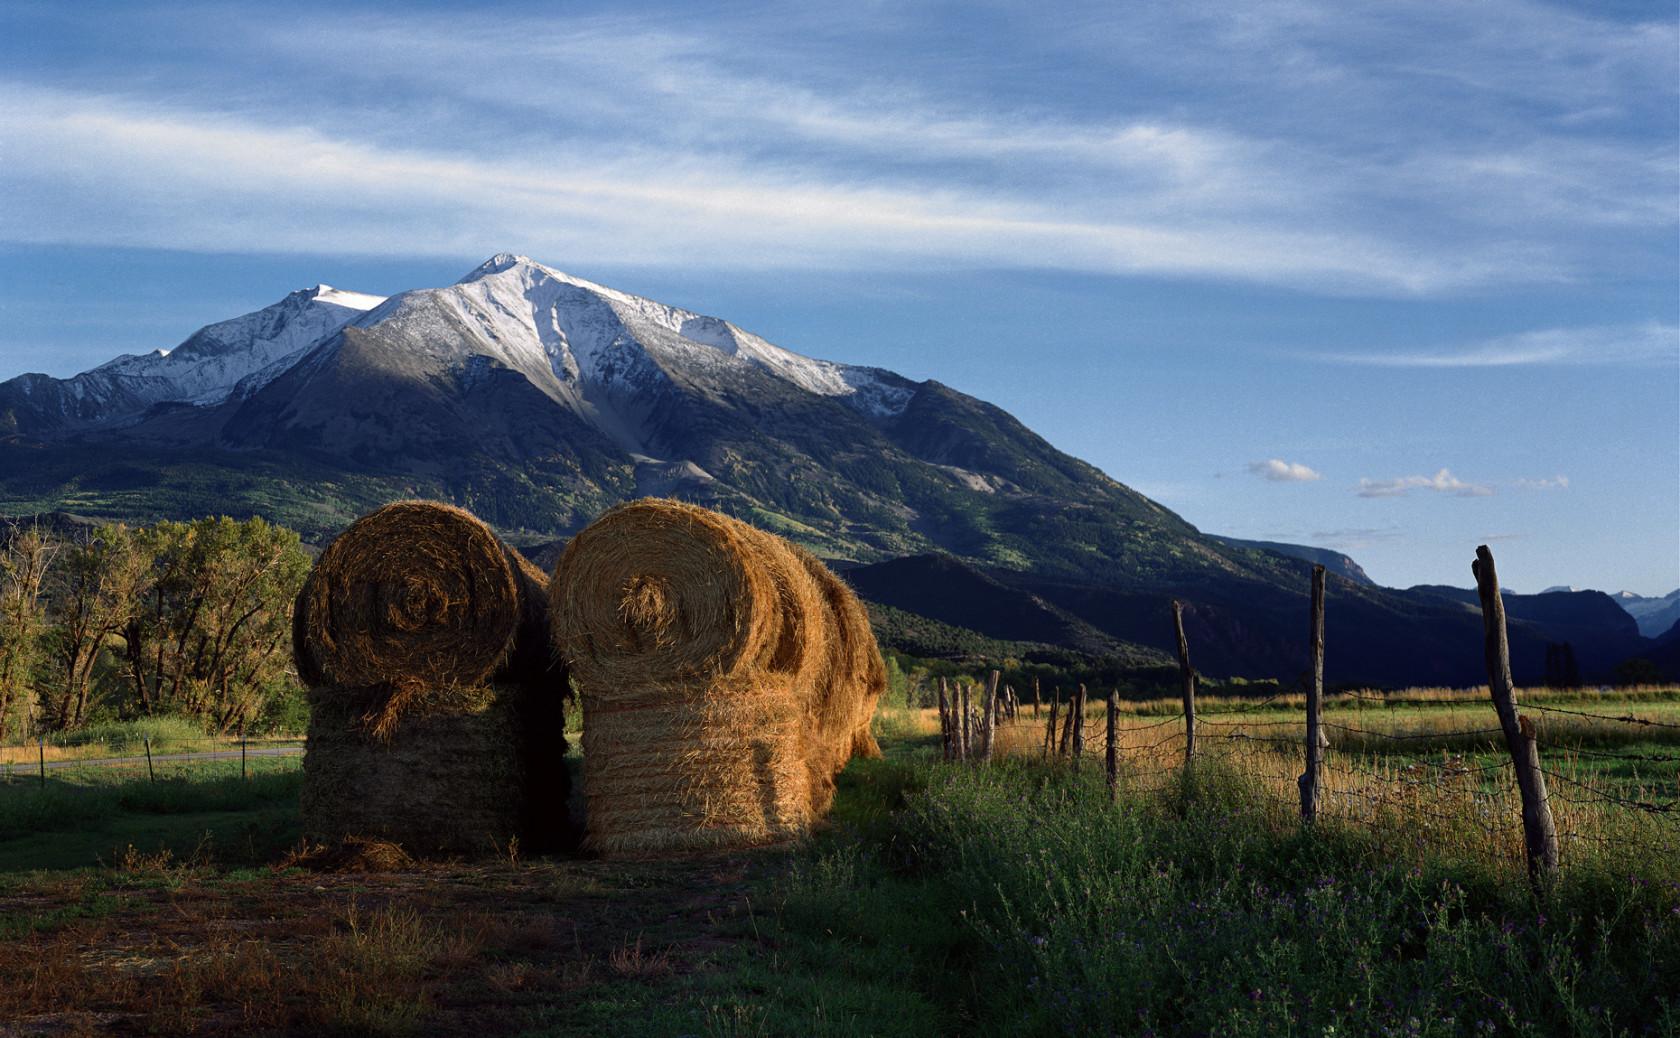 Mt Sopris Haybales